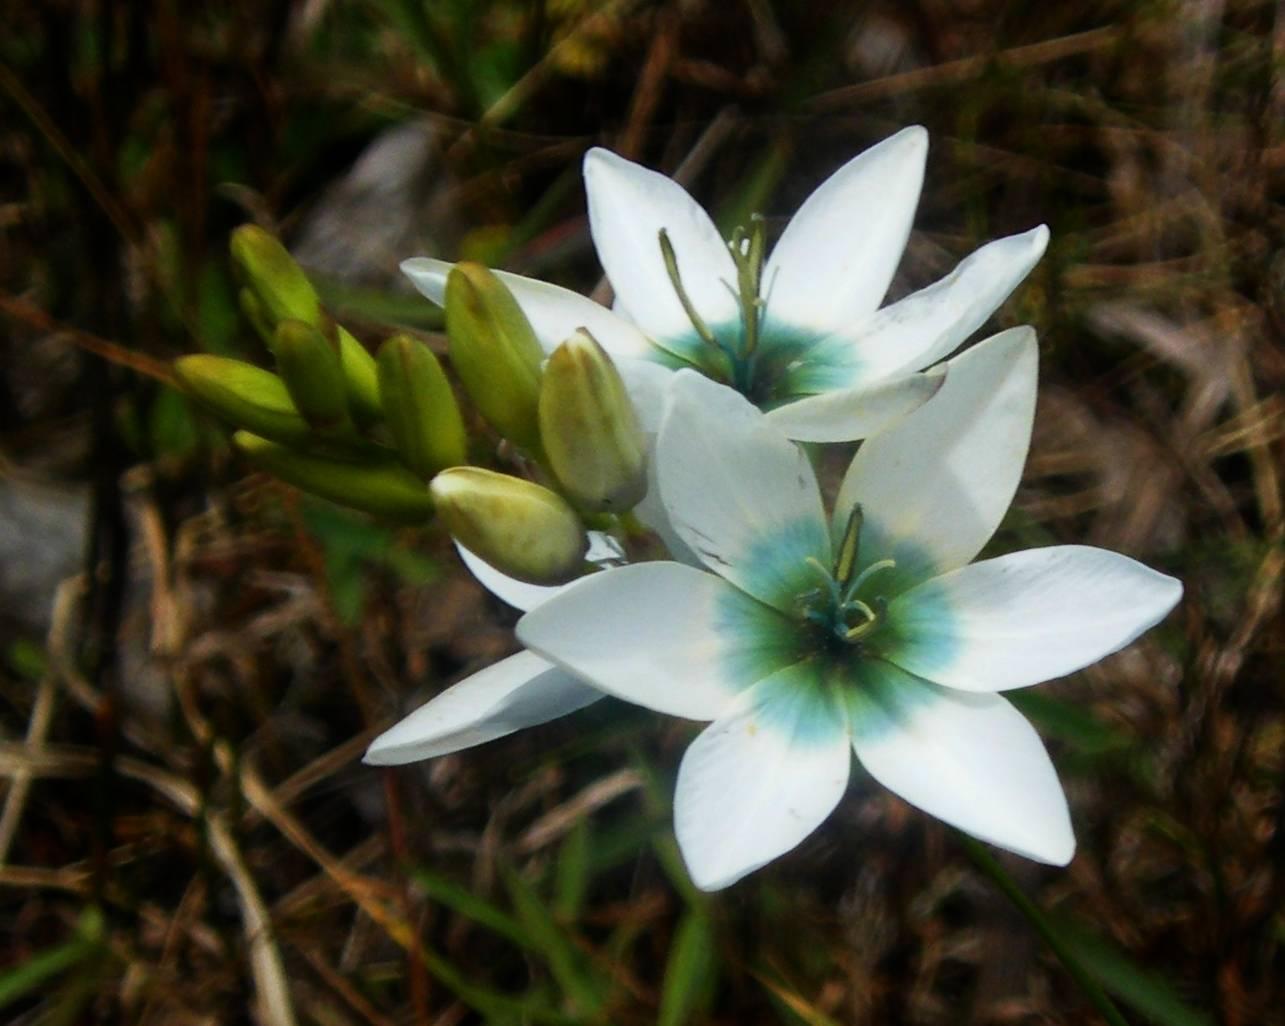 Бессмертник итальянский - пряное растение с запахом карри